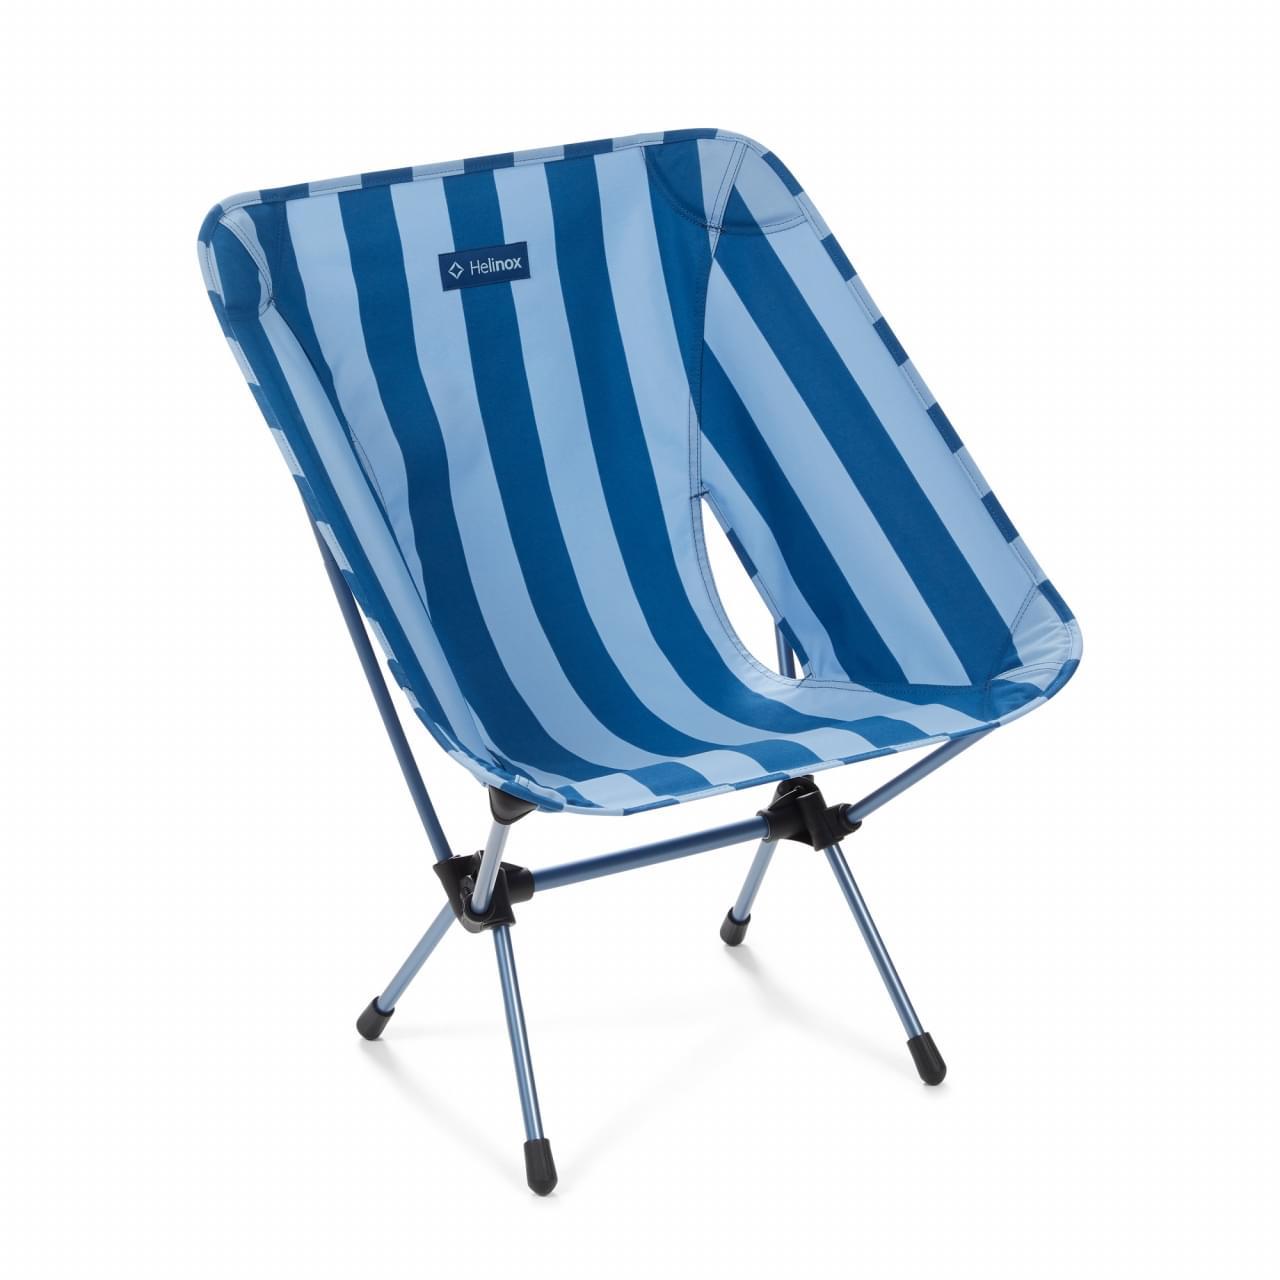 Helinox Chair One Stripe Lichtgewicht Stoel - Blauw